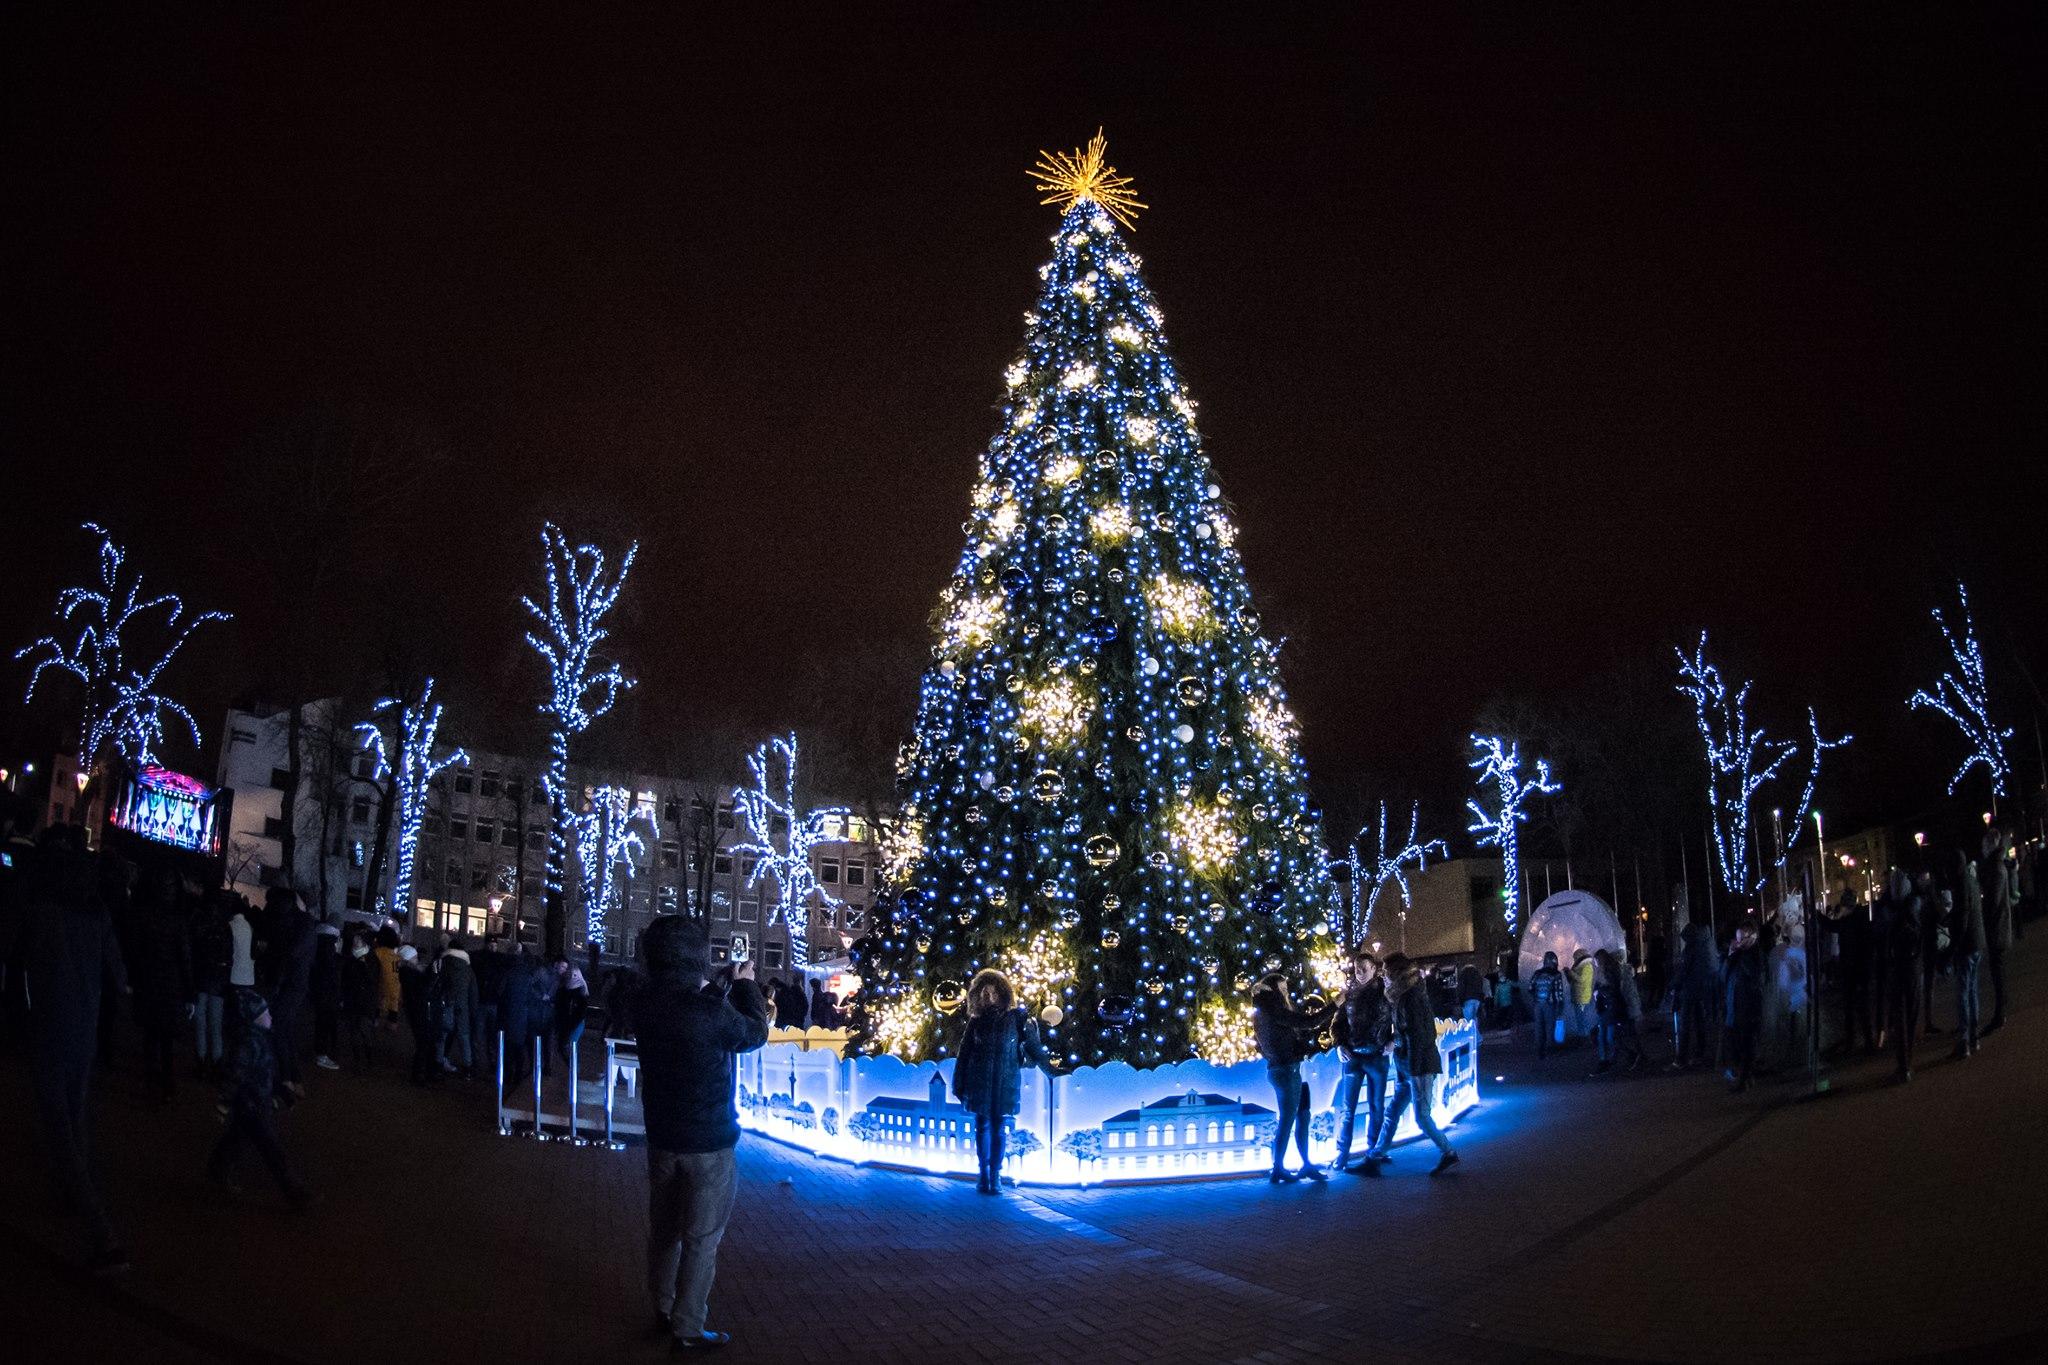 Christmas Images.Siauliai Christmas Tree Lighting Ceremony Siauliai